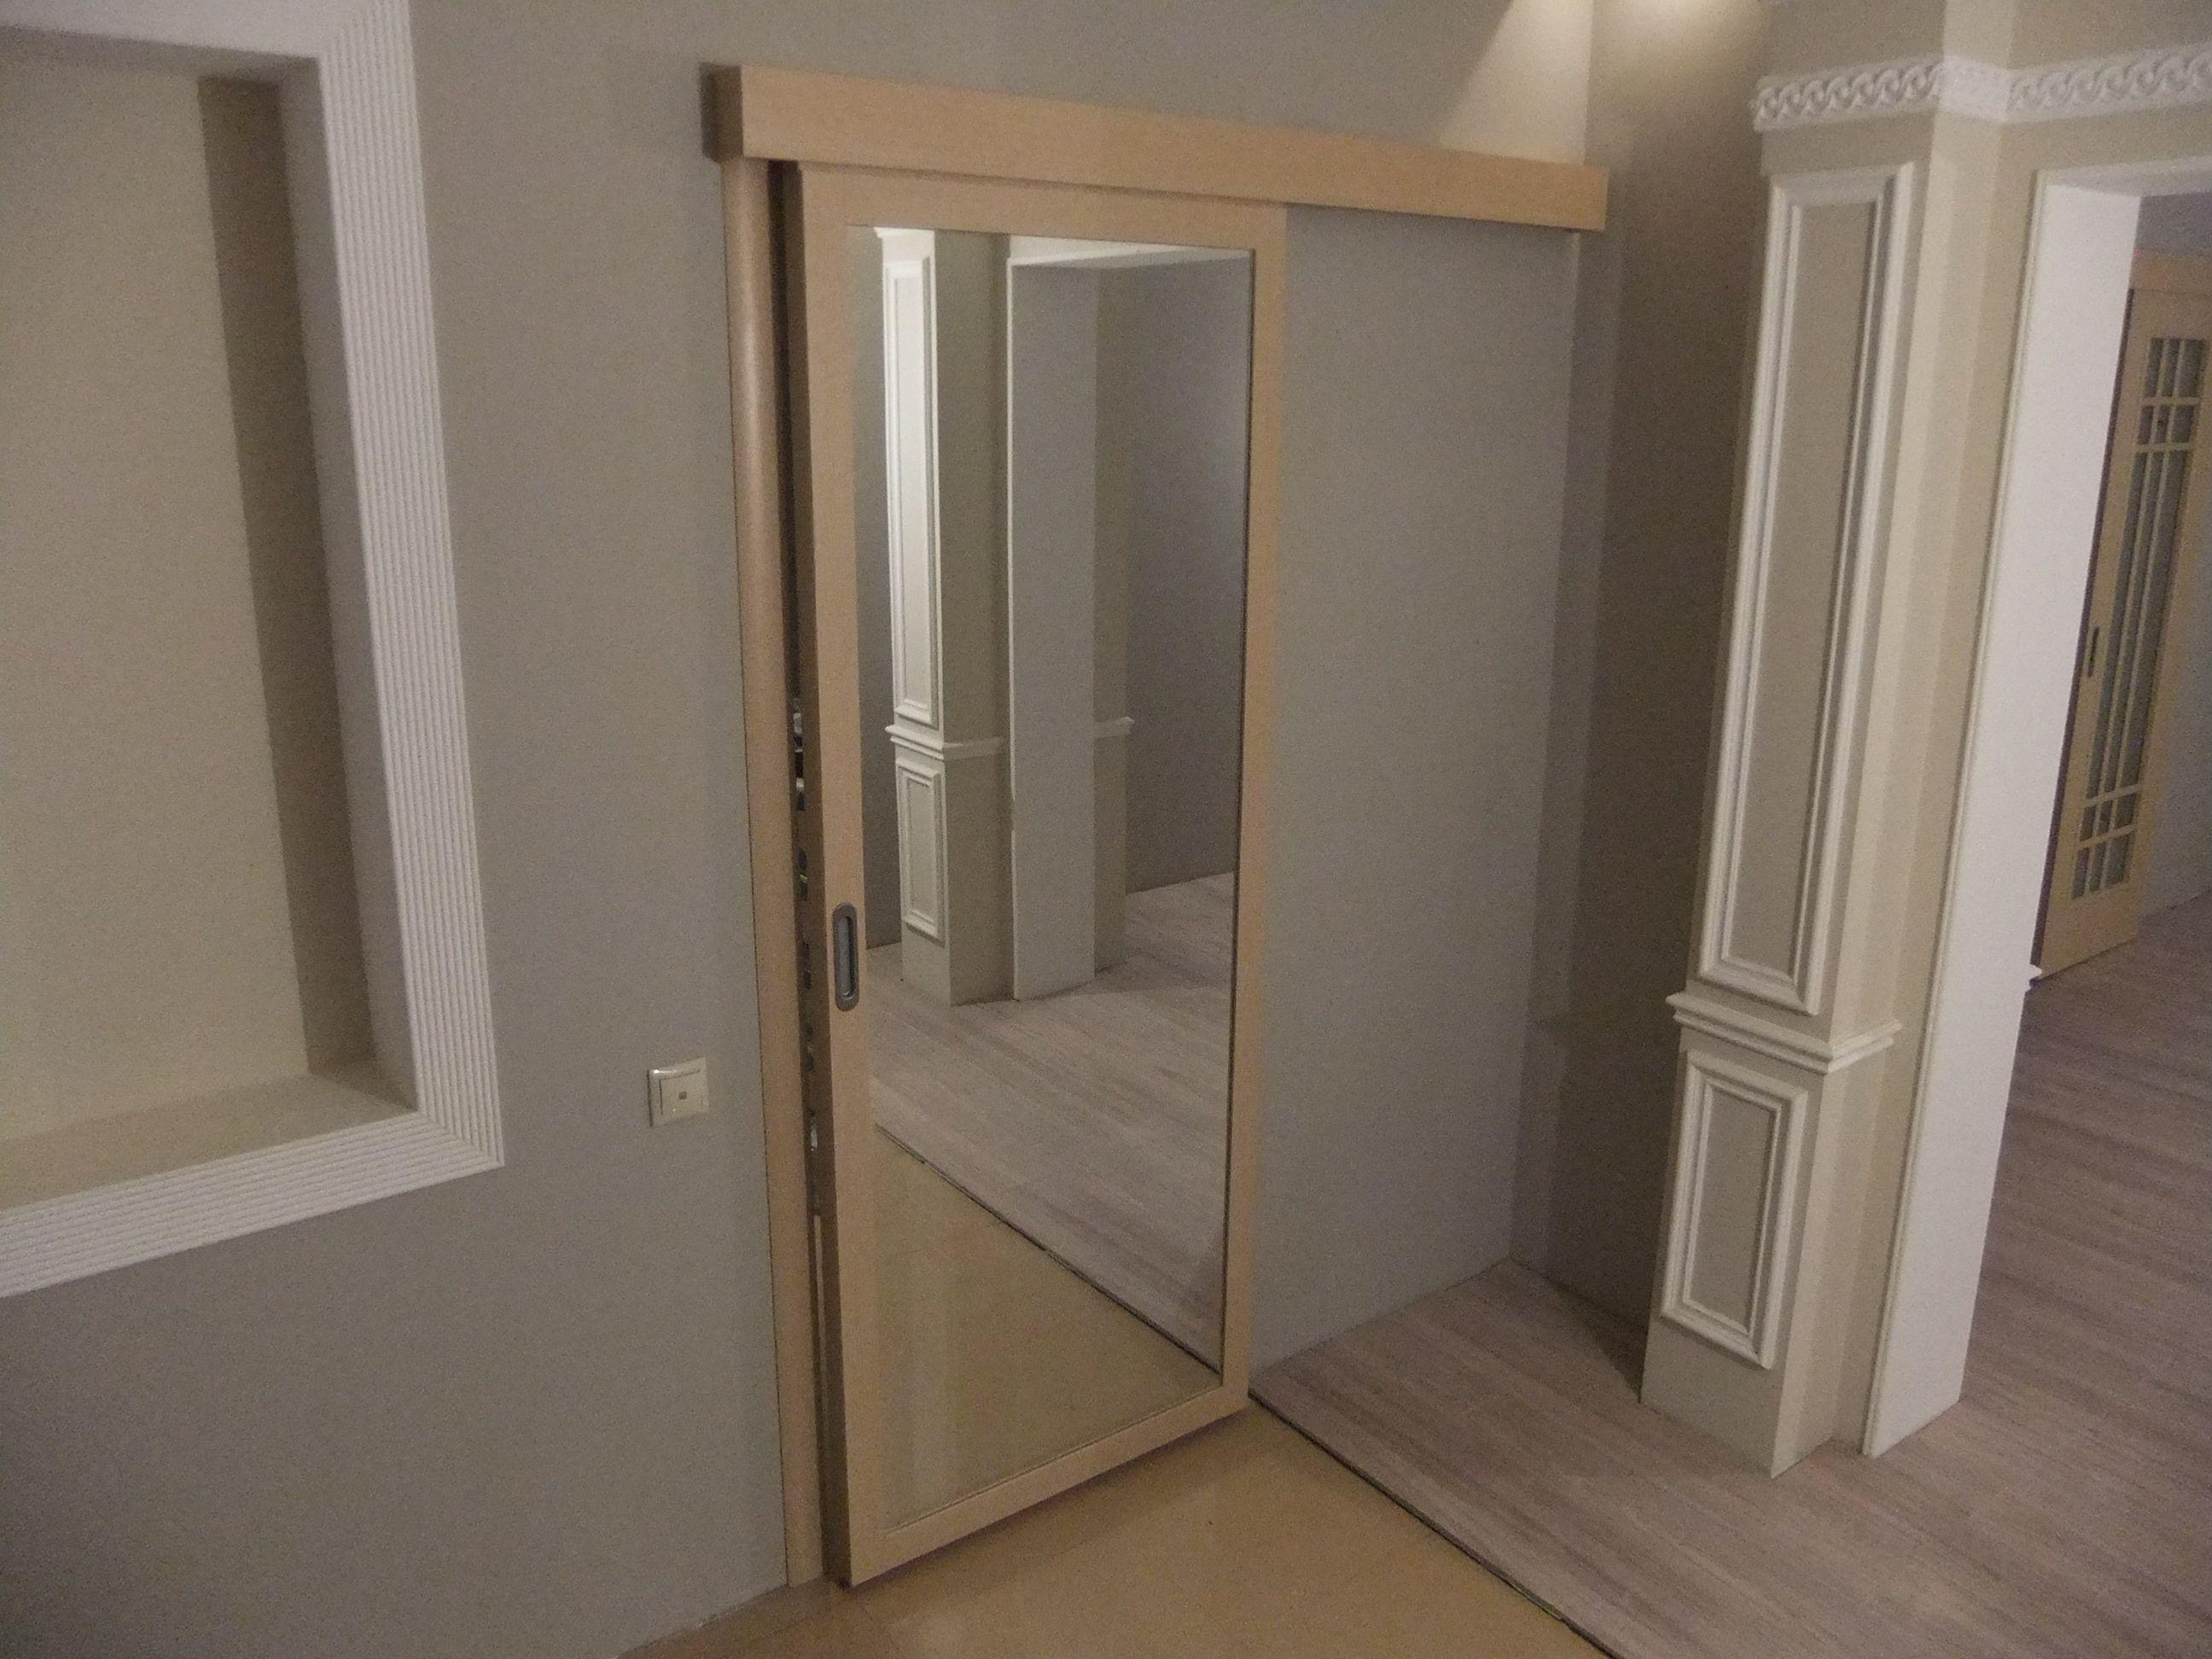 Межкомнатная дверь с зеркалом с одной стороны: установка сво.